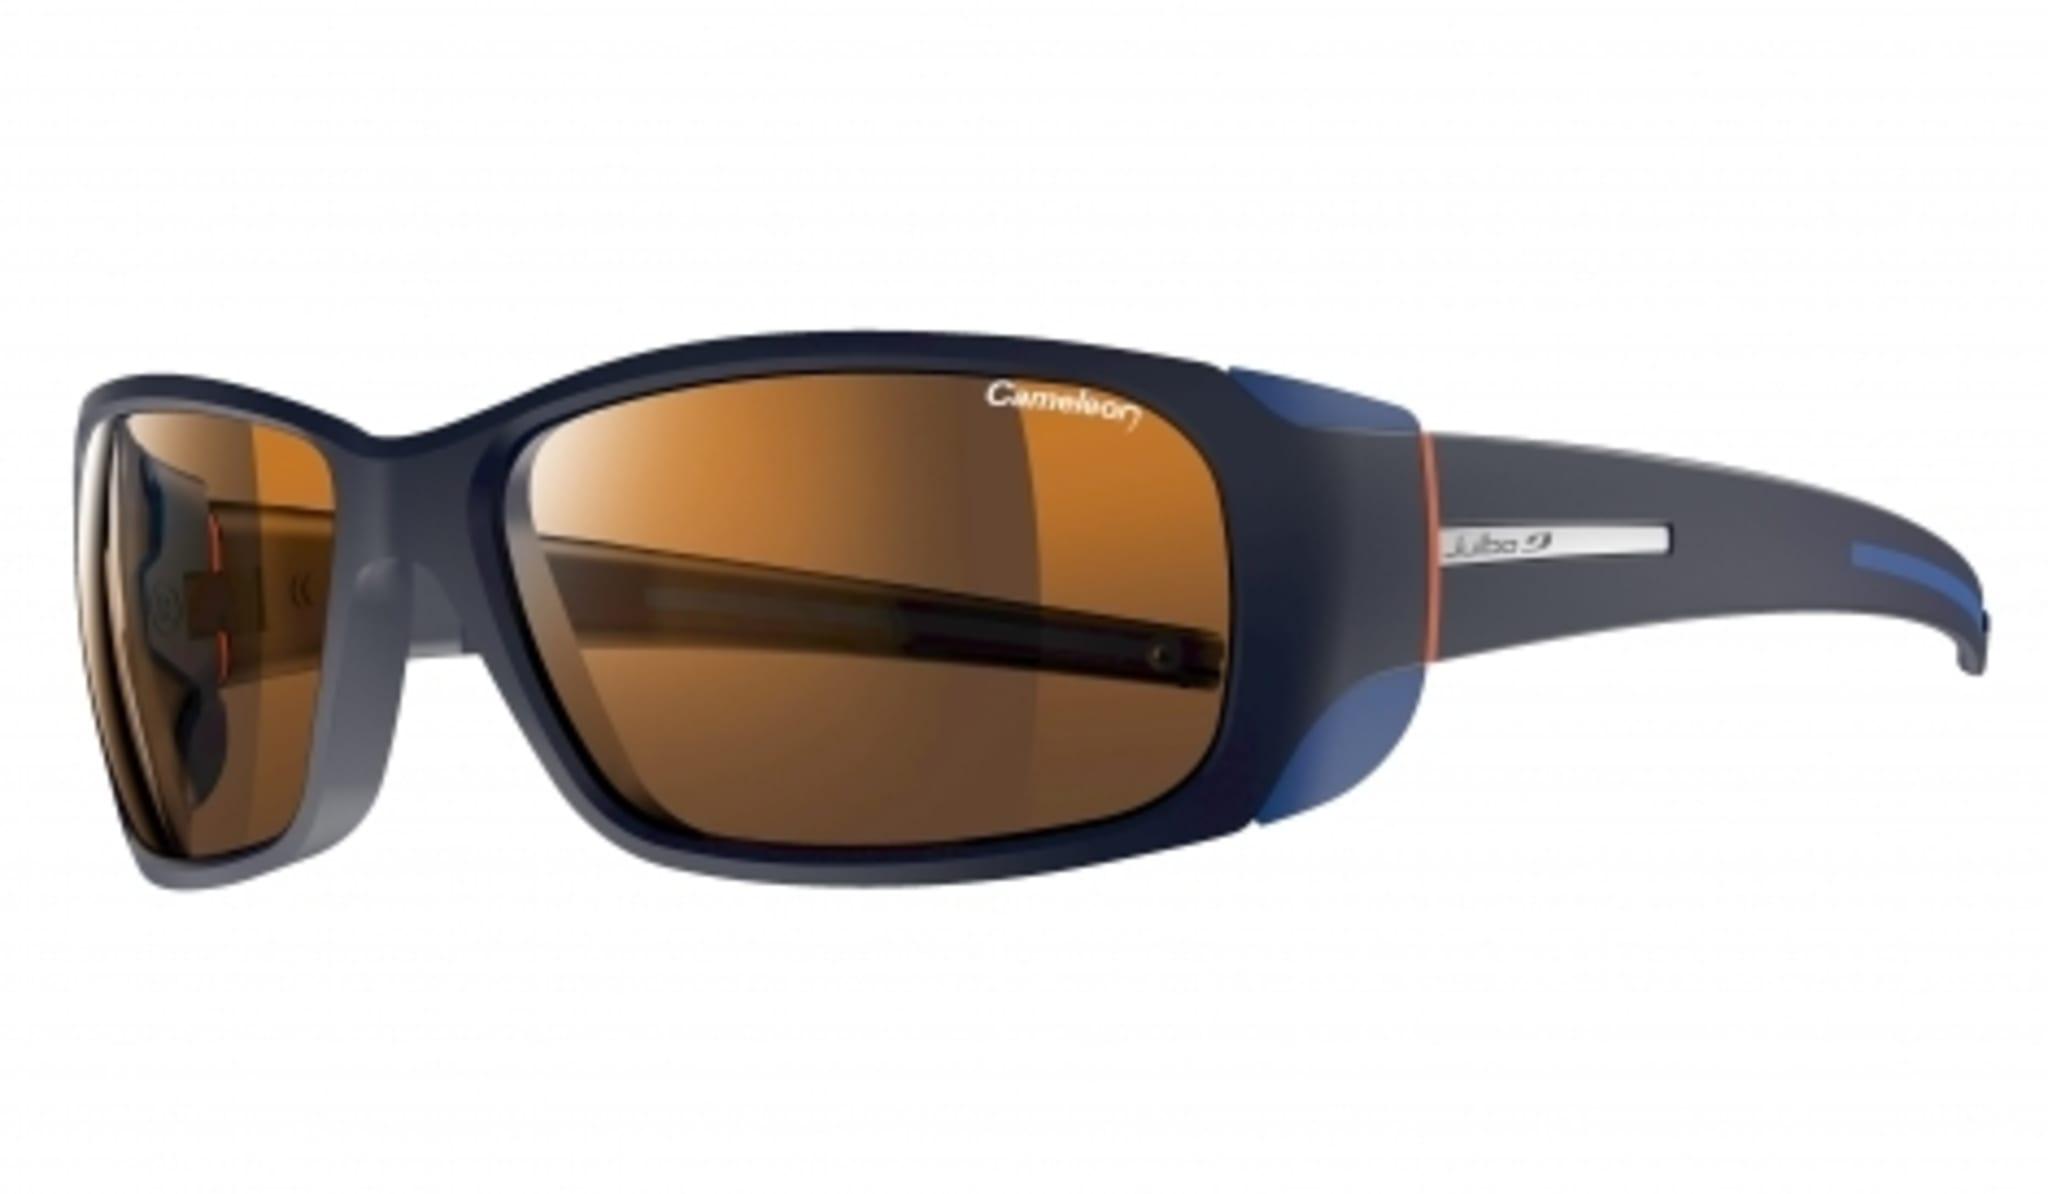 Klassisk, lett og justerbar brille!